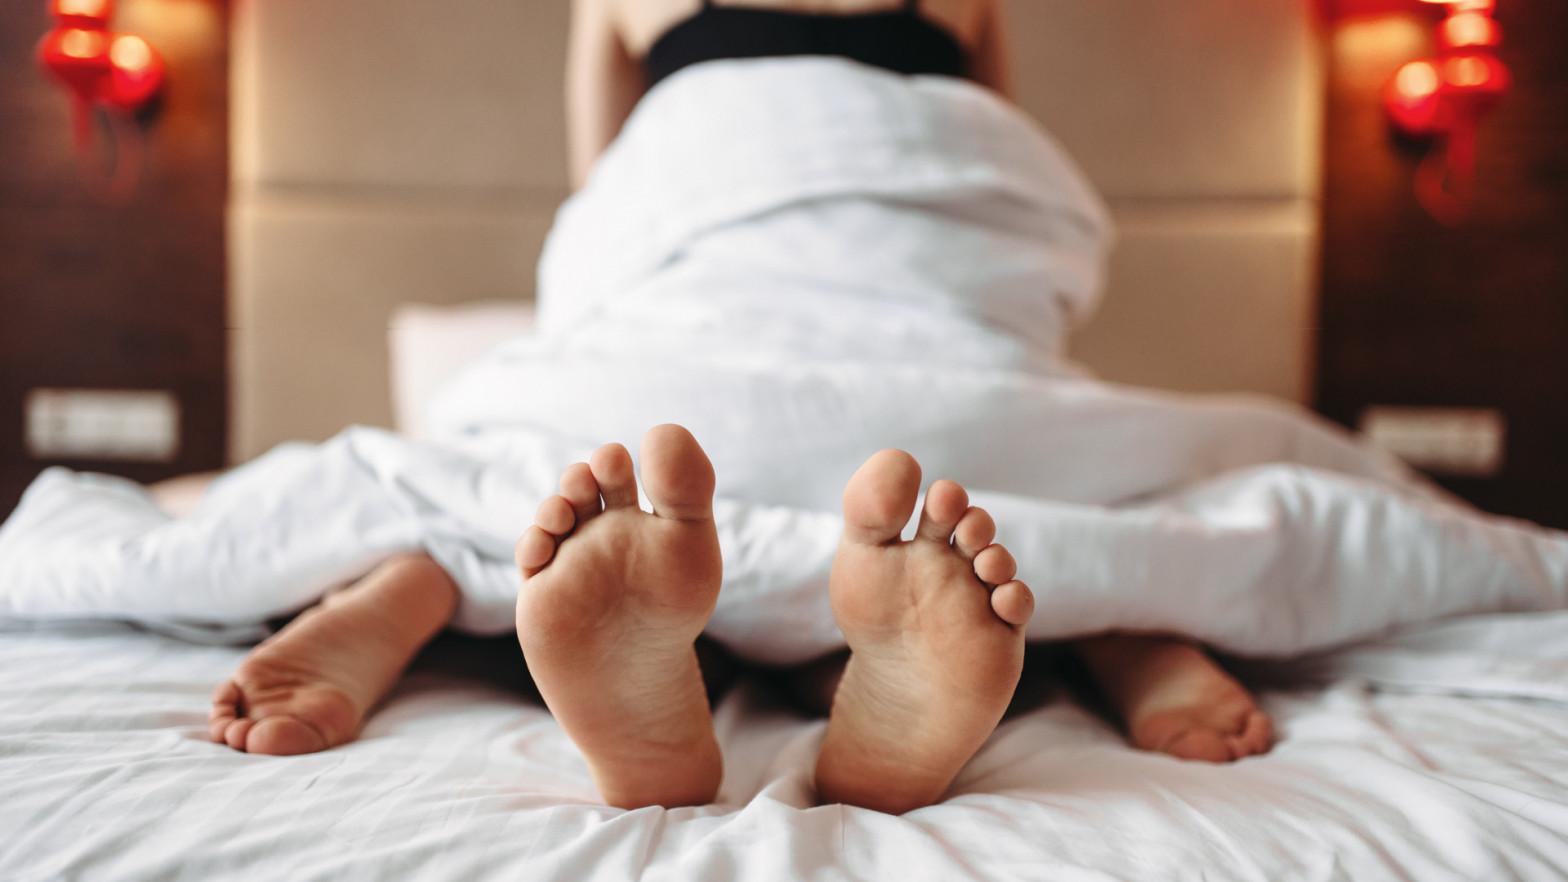 Por qué las mujeres de 50 disfrutan más en la cama, revelado